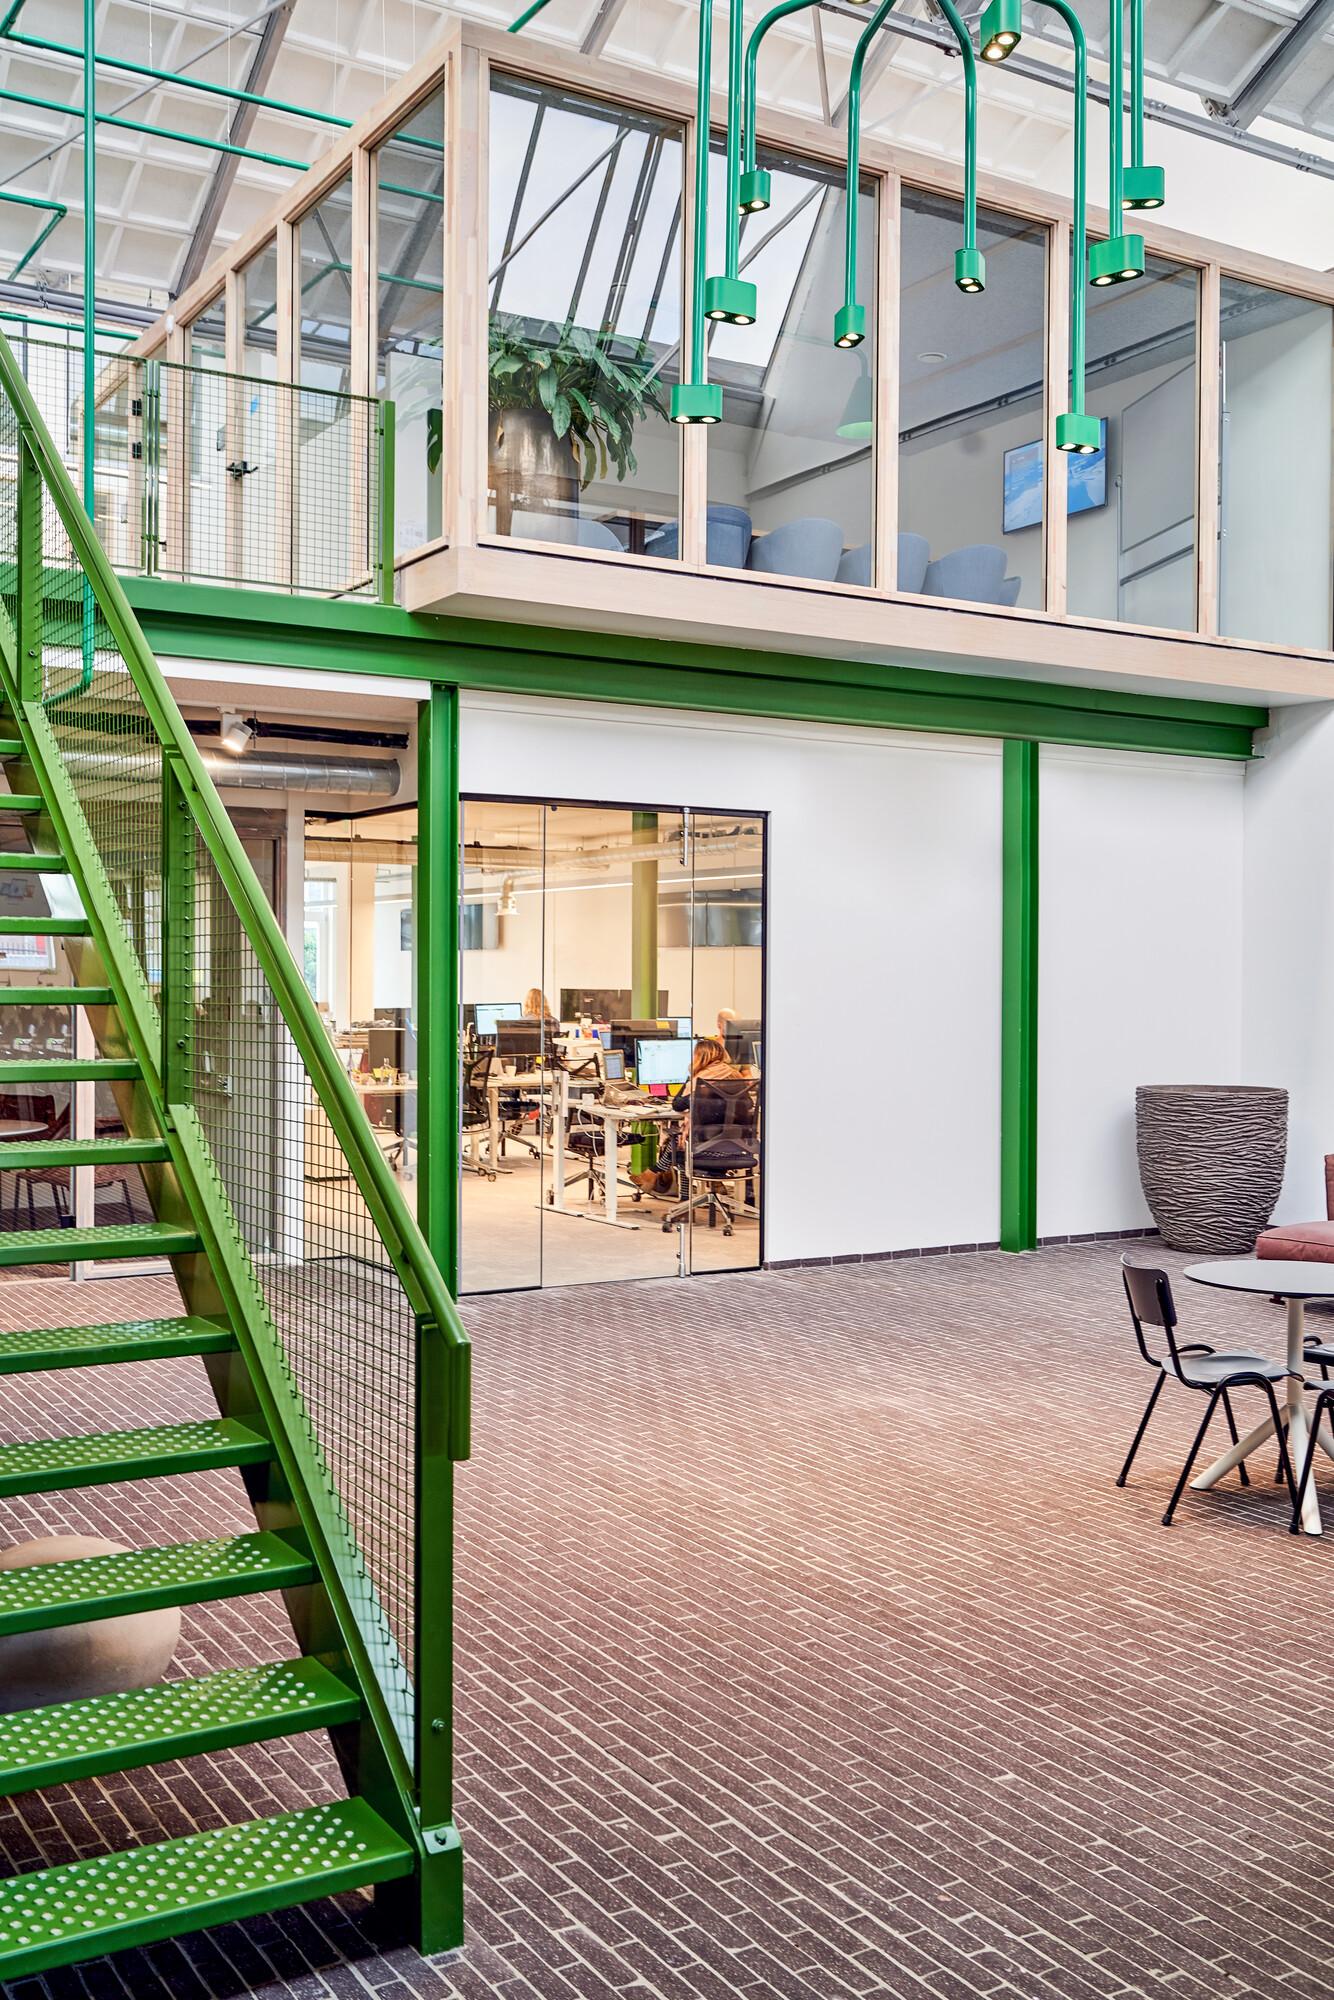 <p>Overstekende zwevende blokken dienen als vergaderruimtes. Een prachtig verbindend element tussen de verdiepingen, waar werknemers tijdens vergaderingen een mooi uitzicht over het restaurant hebben. fotografie Philip Jintes @ Phenster</p>